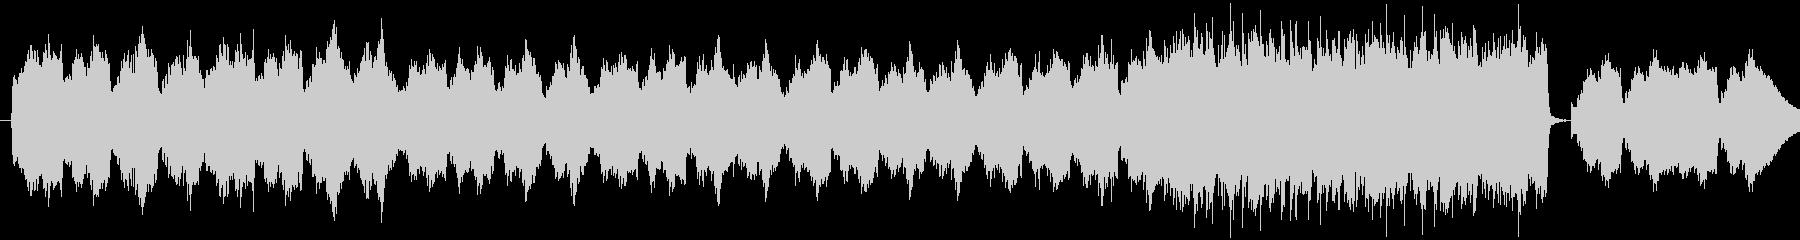 笛とシタールでエスニック風。ループ可能…の未再生の波形